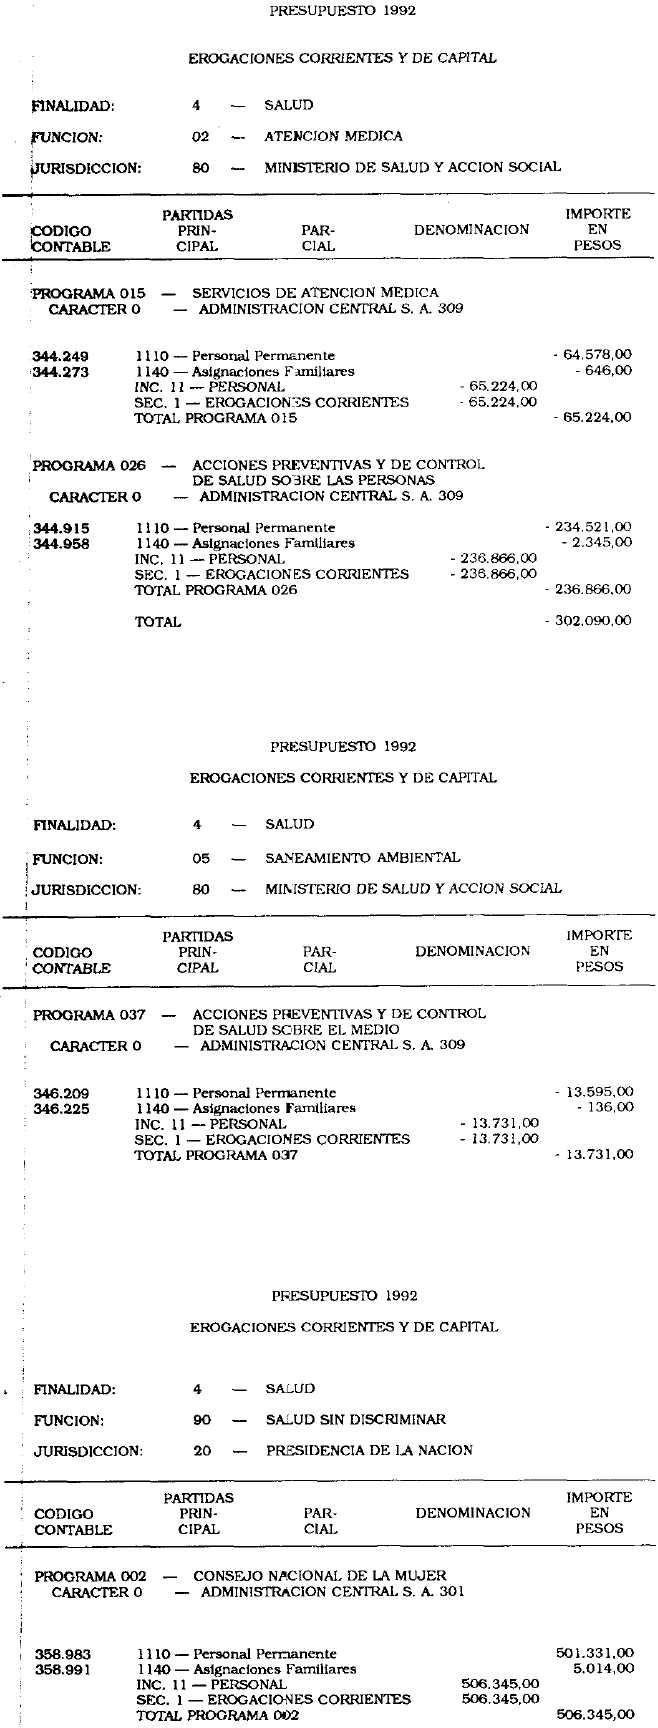 dto1426-13-08-1992-6.jpg